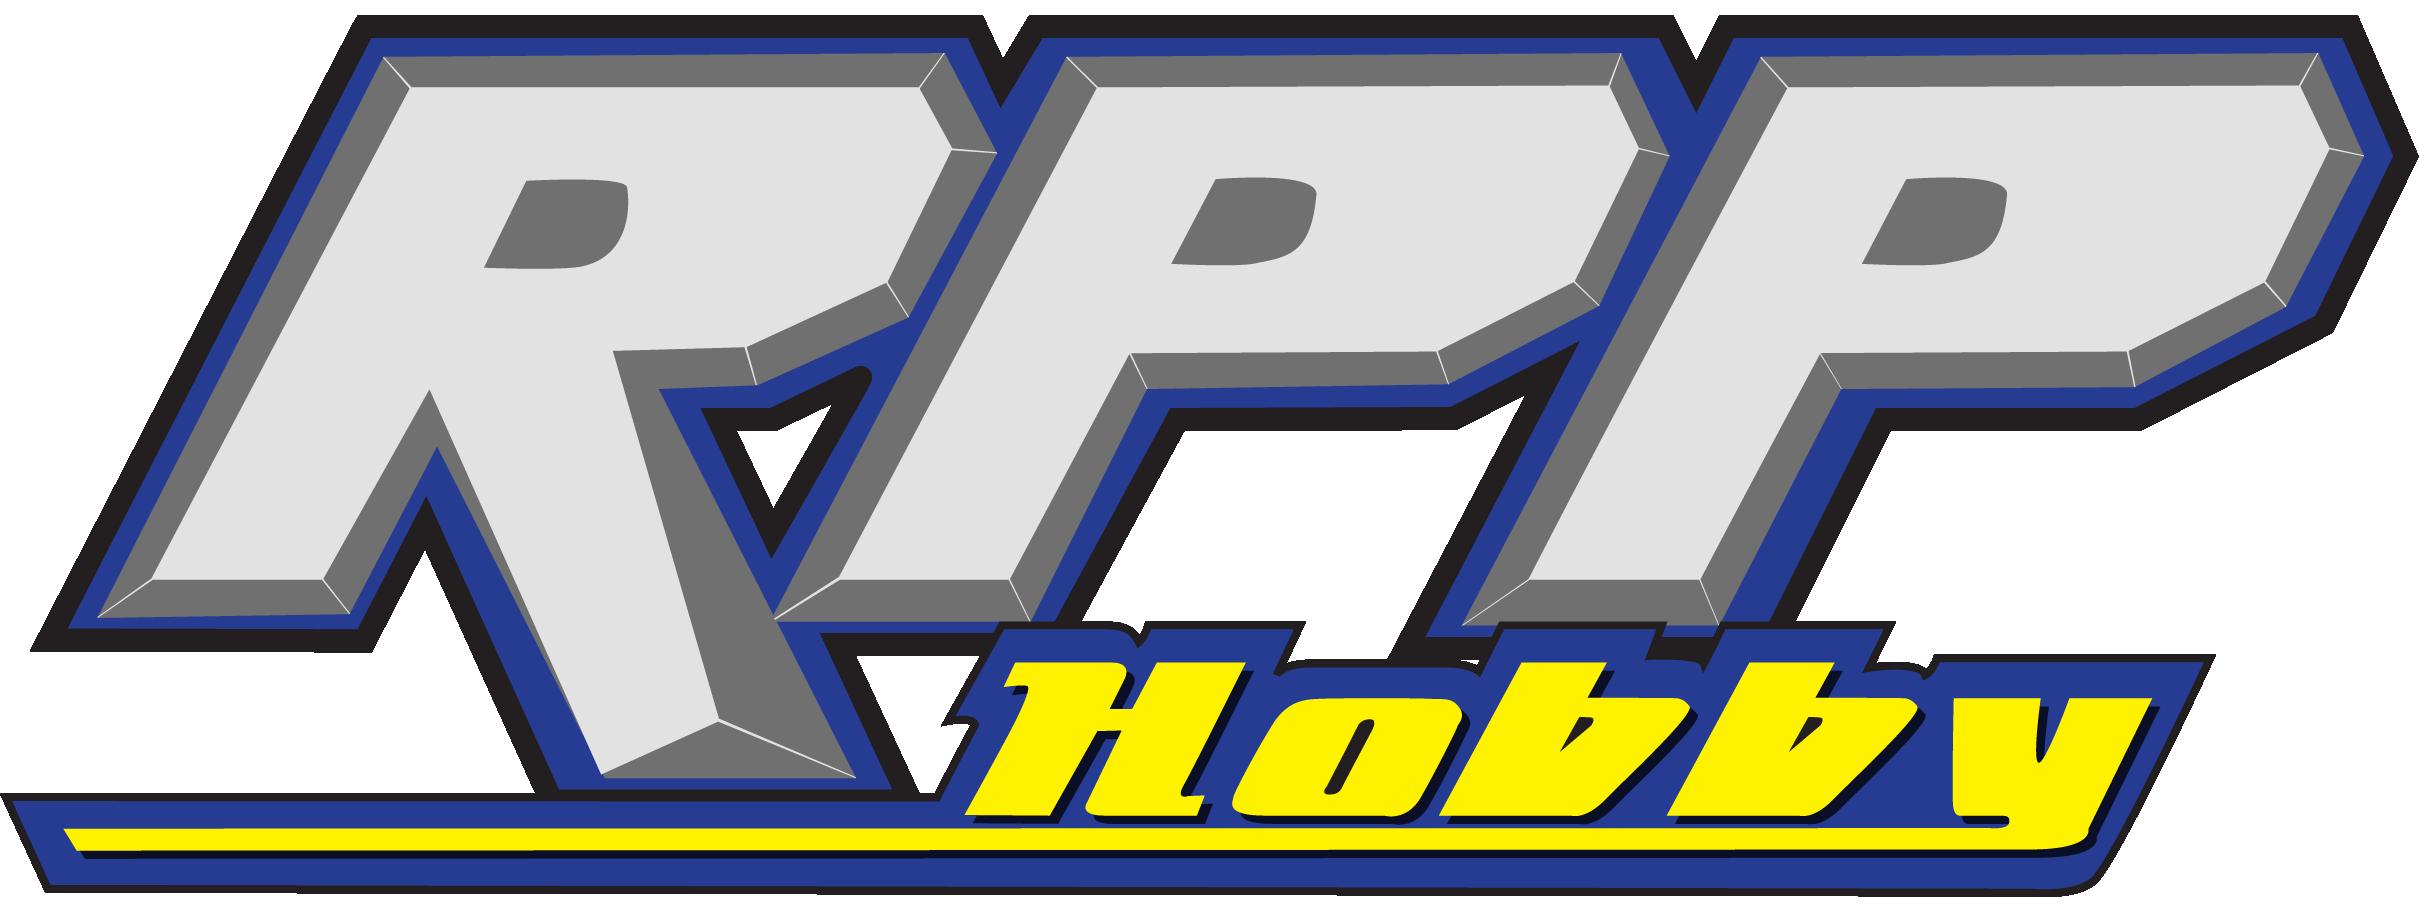 RPP Hobby